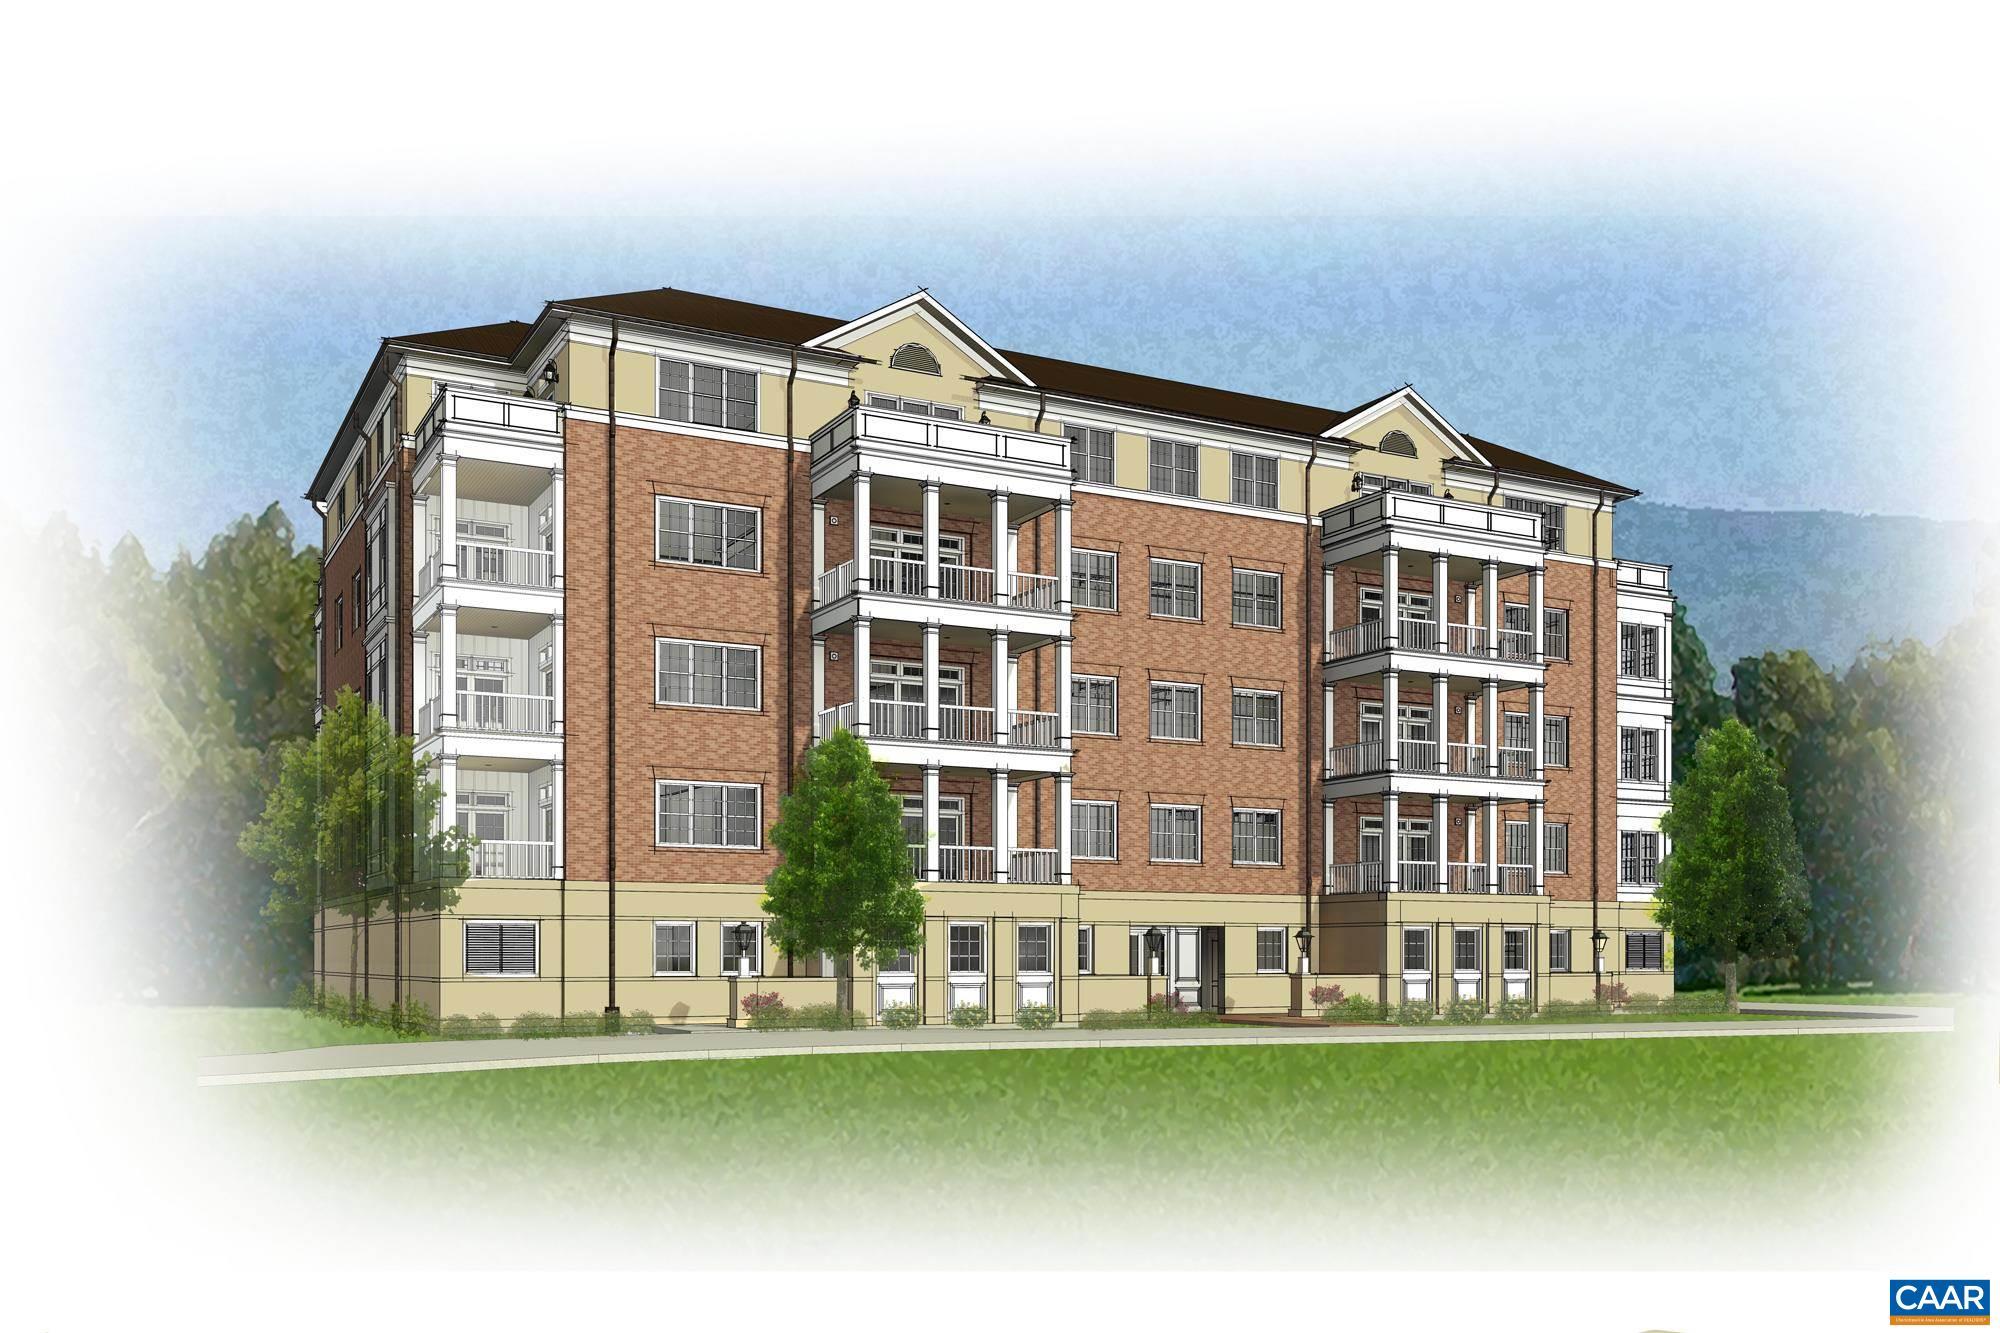 445 WHITE GABLES LN # 301                                                                               CHARLOTTESVILLE                                                                      , VA - $1,750,000